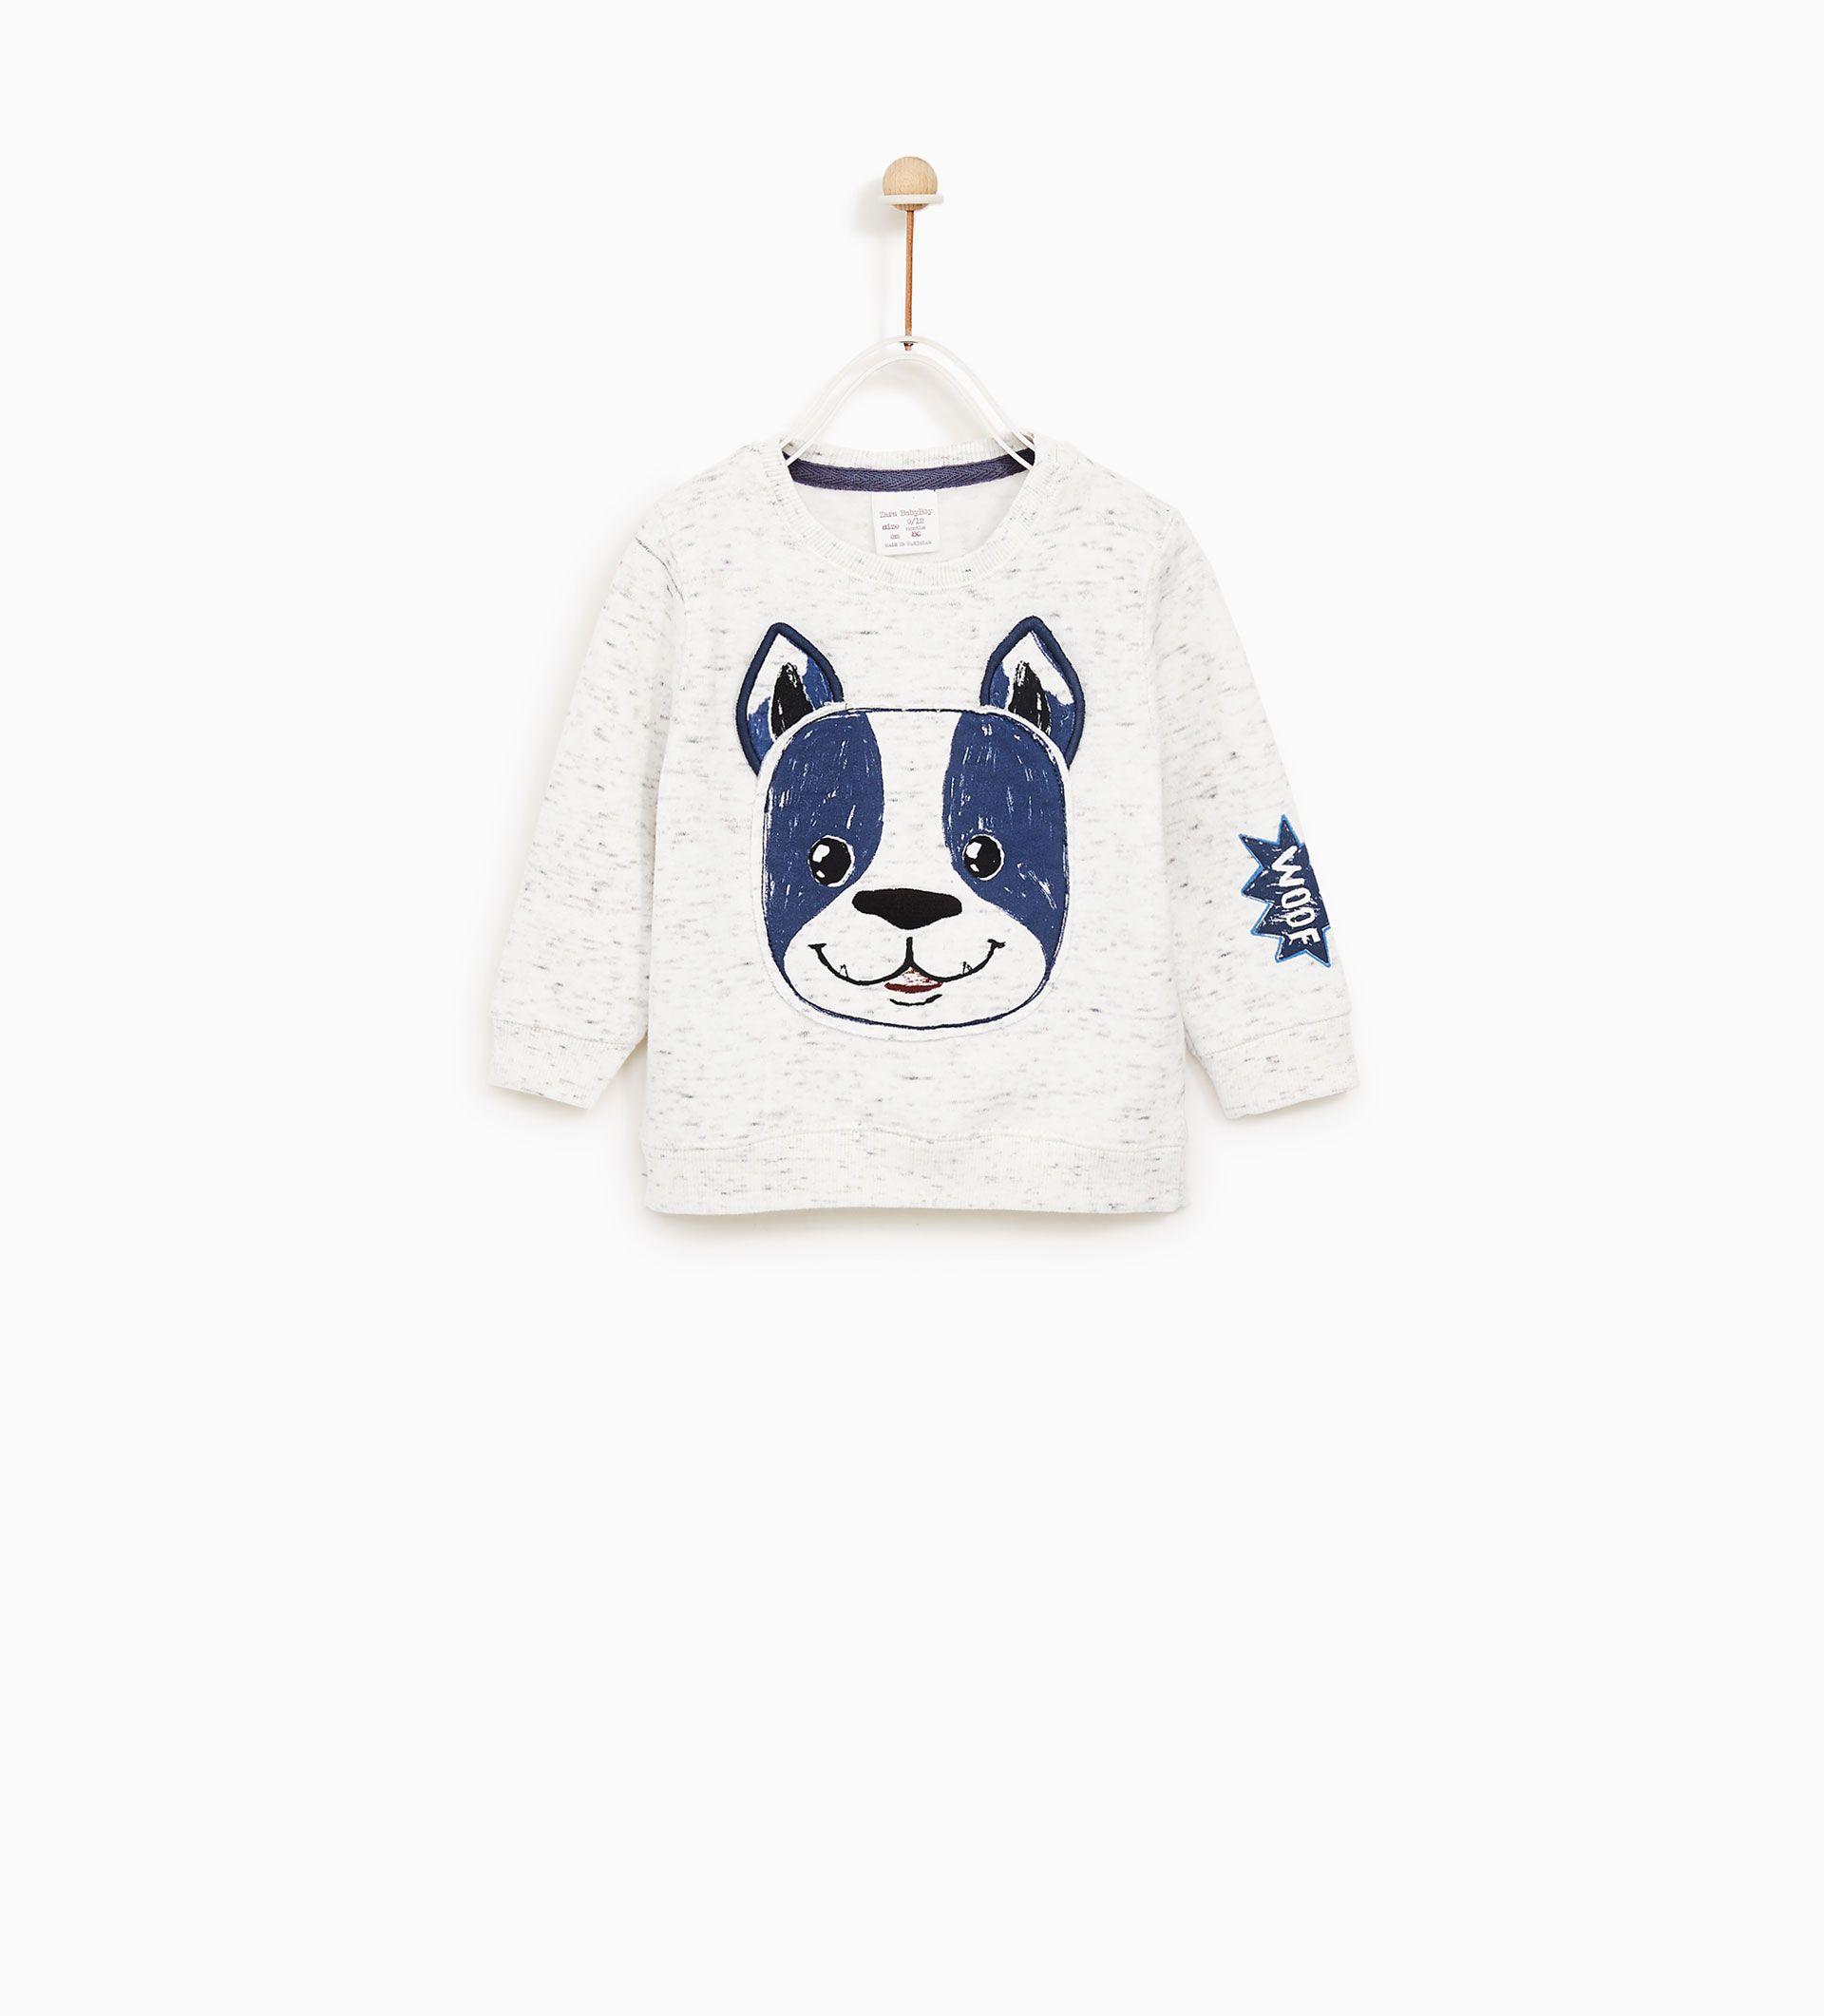 Zara Collection Aw 17 Sweatshirt With Textured Dog Motif Ropa Para Bebe Varones Ropa Para Niños Varones Ropa Para Niñas